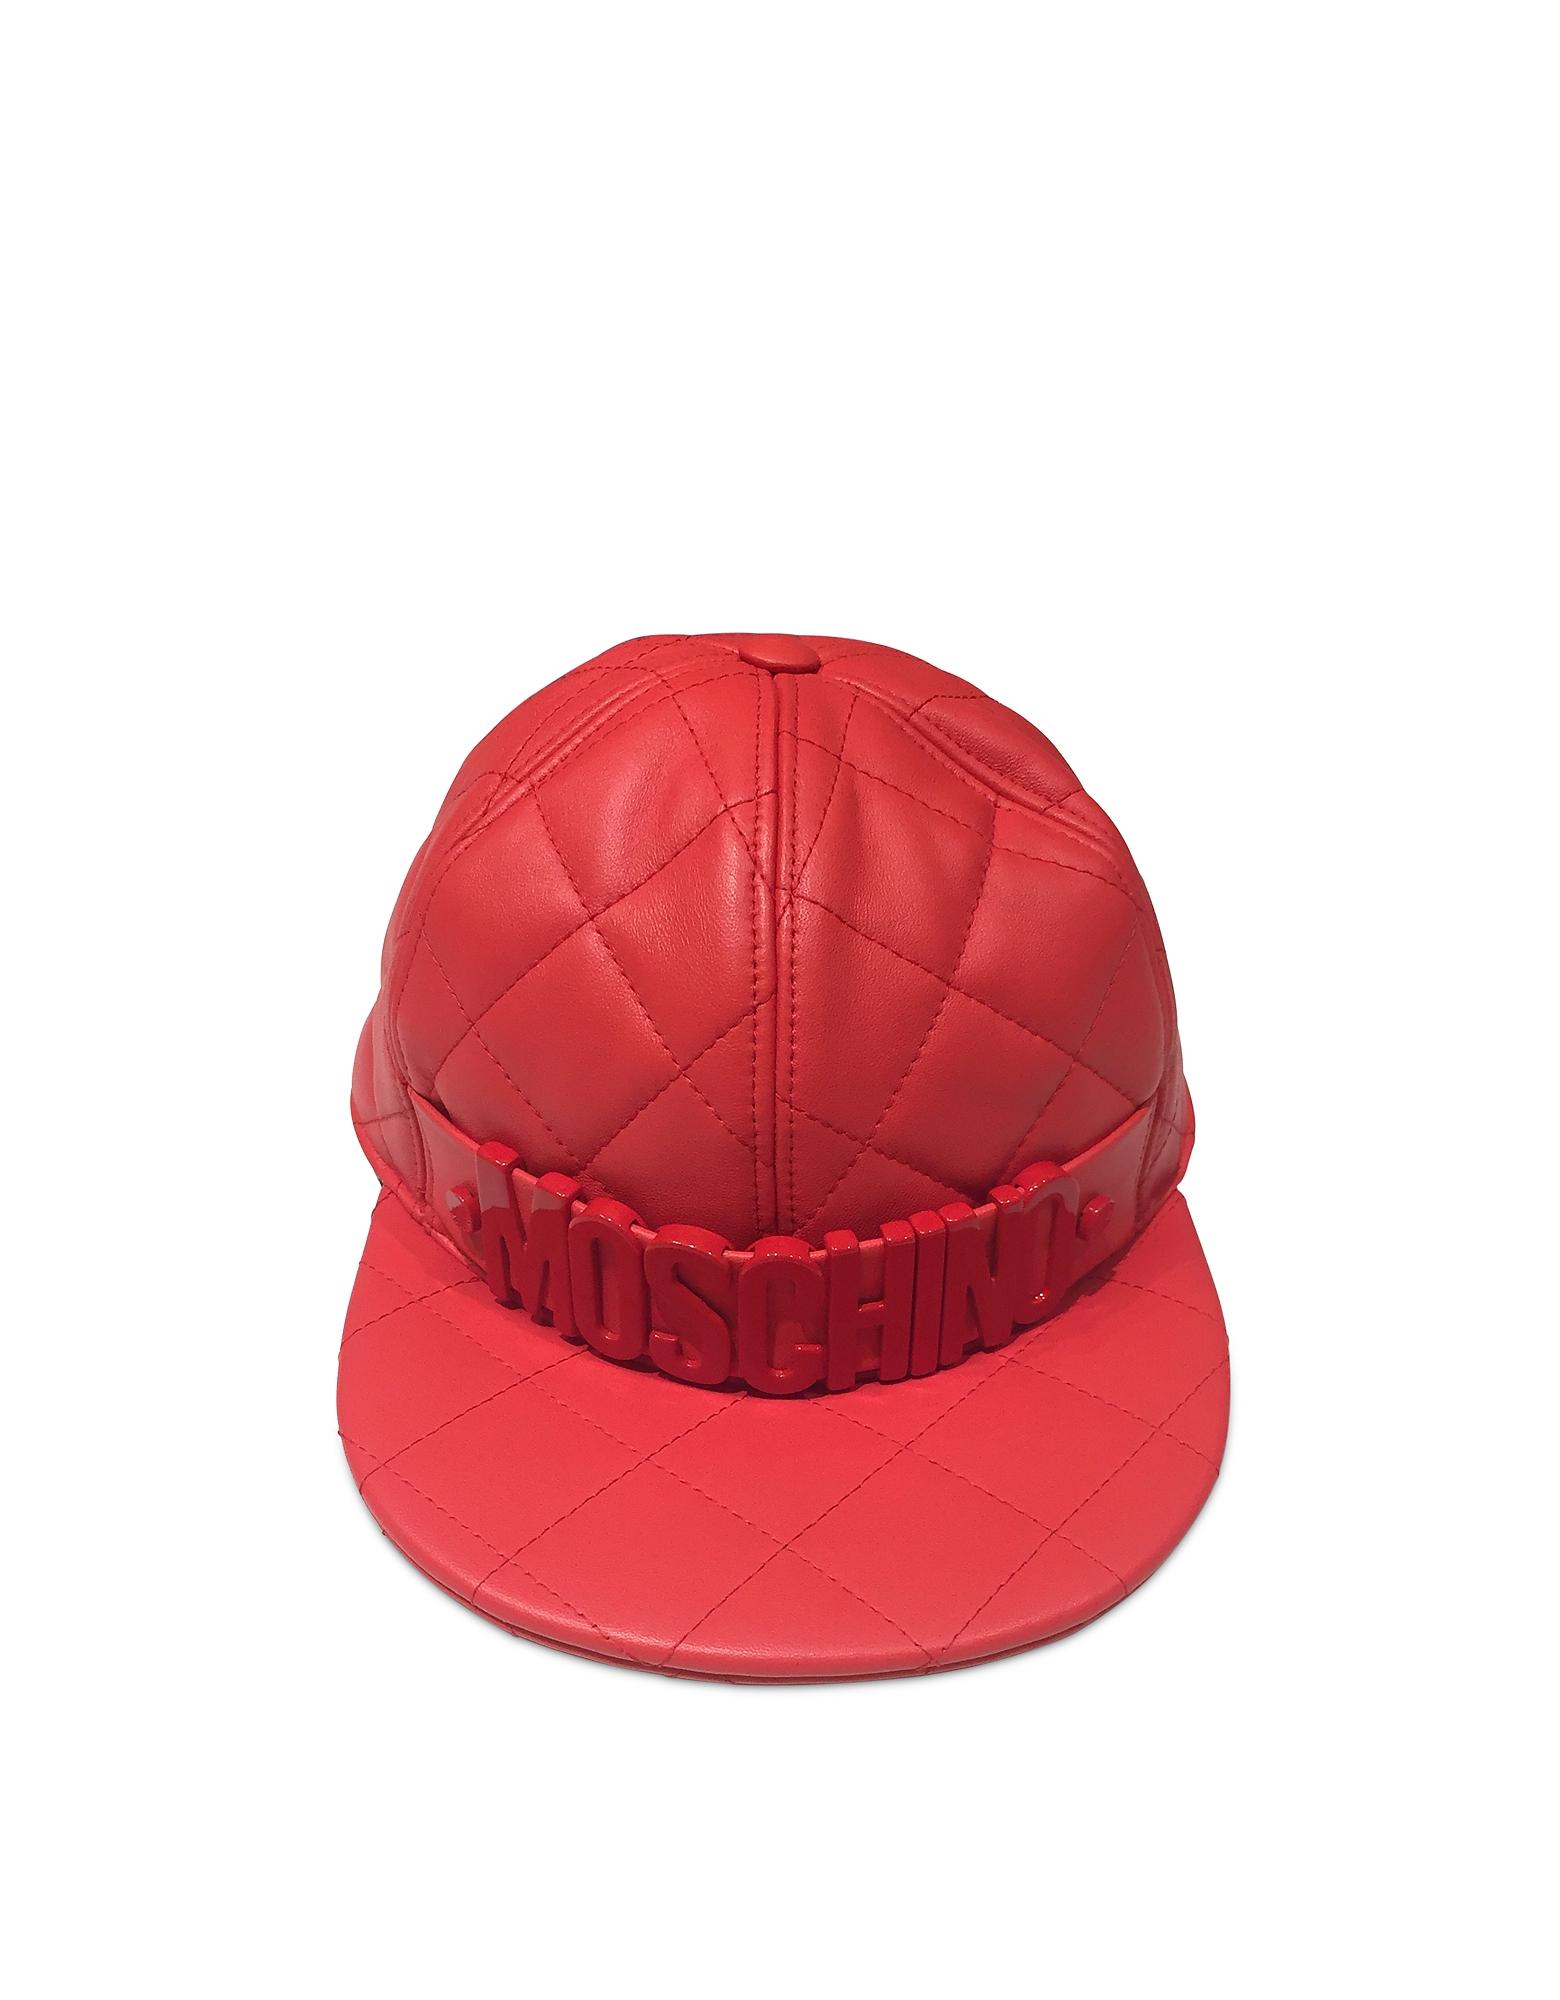 Moschino Красная Бейсболка из Кожи Наппа